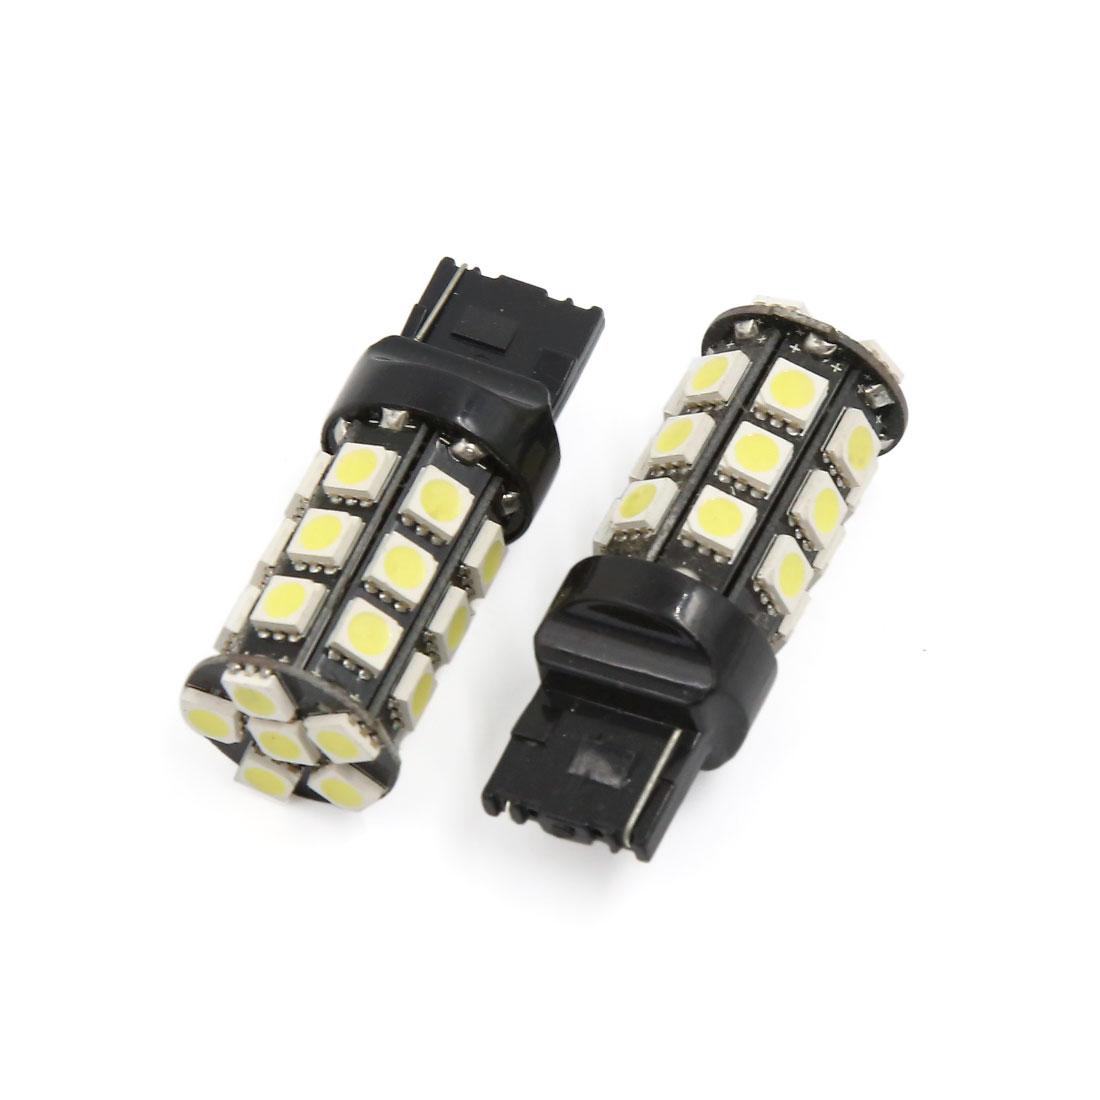 Pair T20 7440 5050-SMD White Reverse Brake LED Bulb Turn Signal Light Lamp 12V